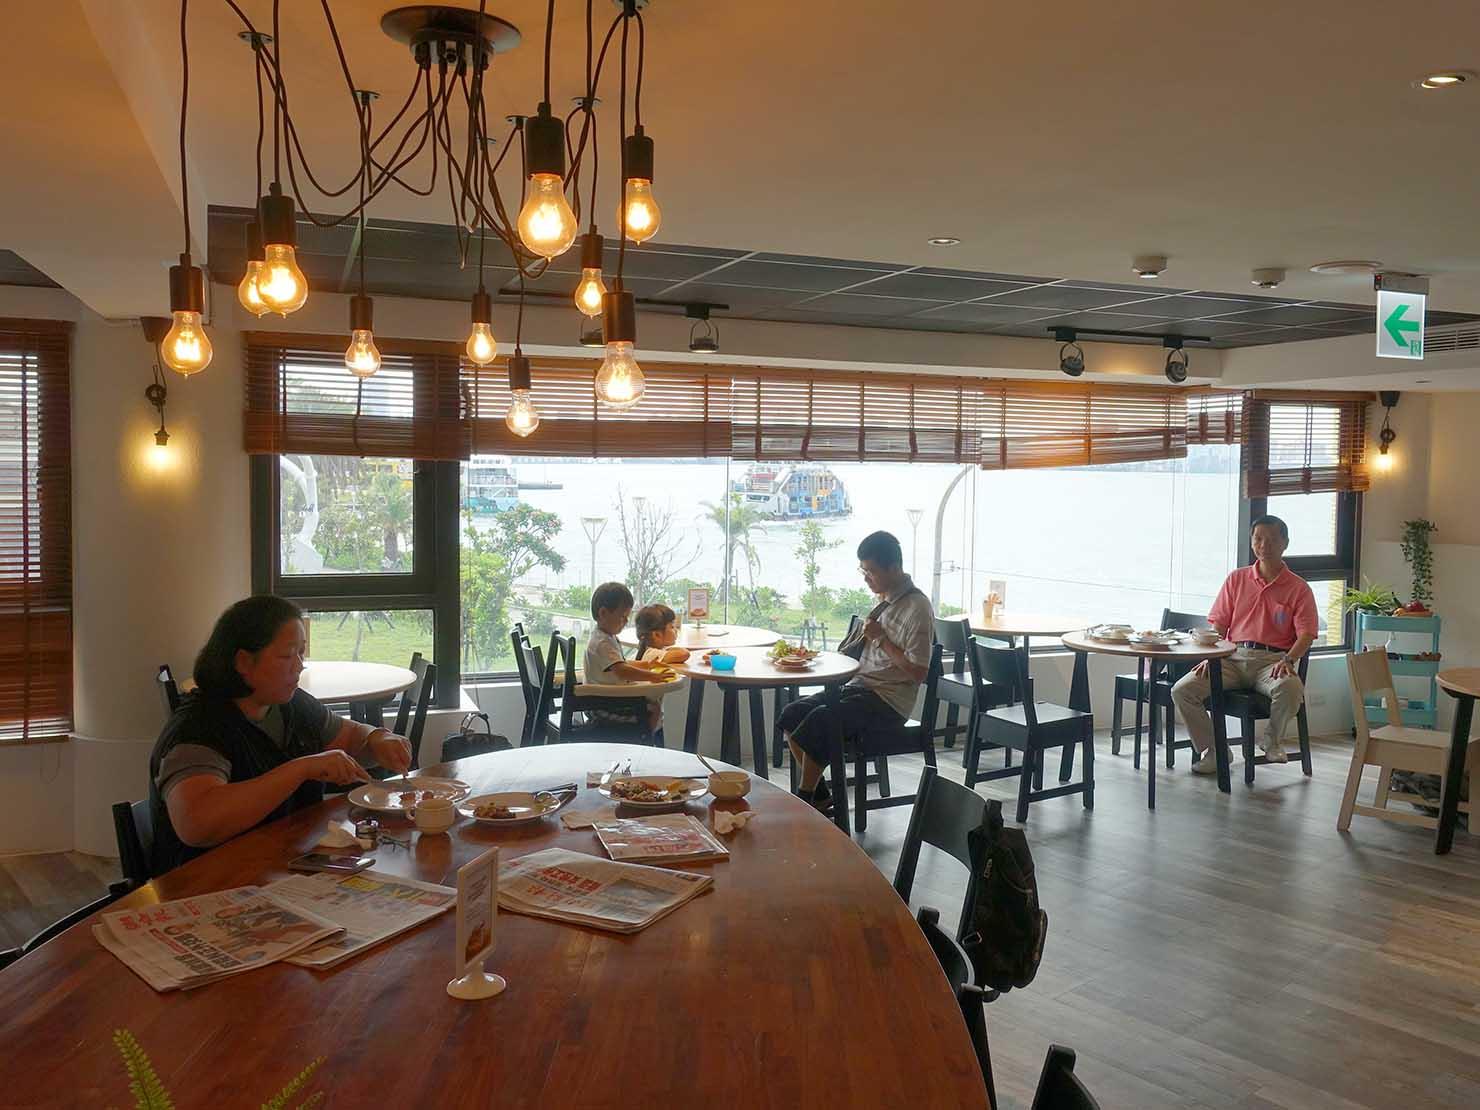 高雄・西子灣の港に立つ海辺のホテル「碧港良居 Watermark Hotel」のダイニングスペース